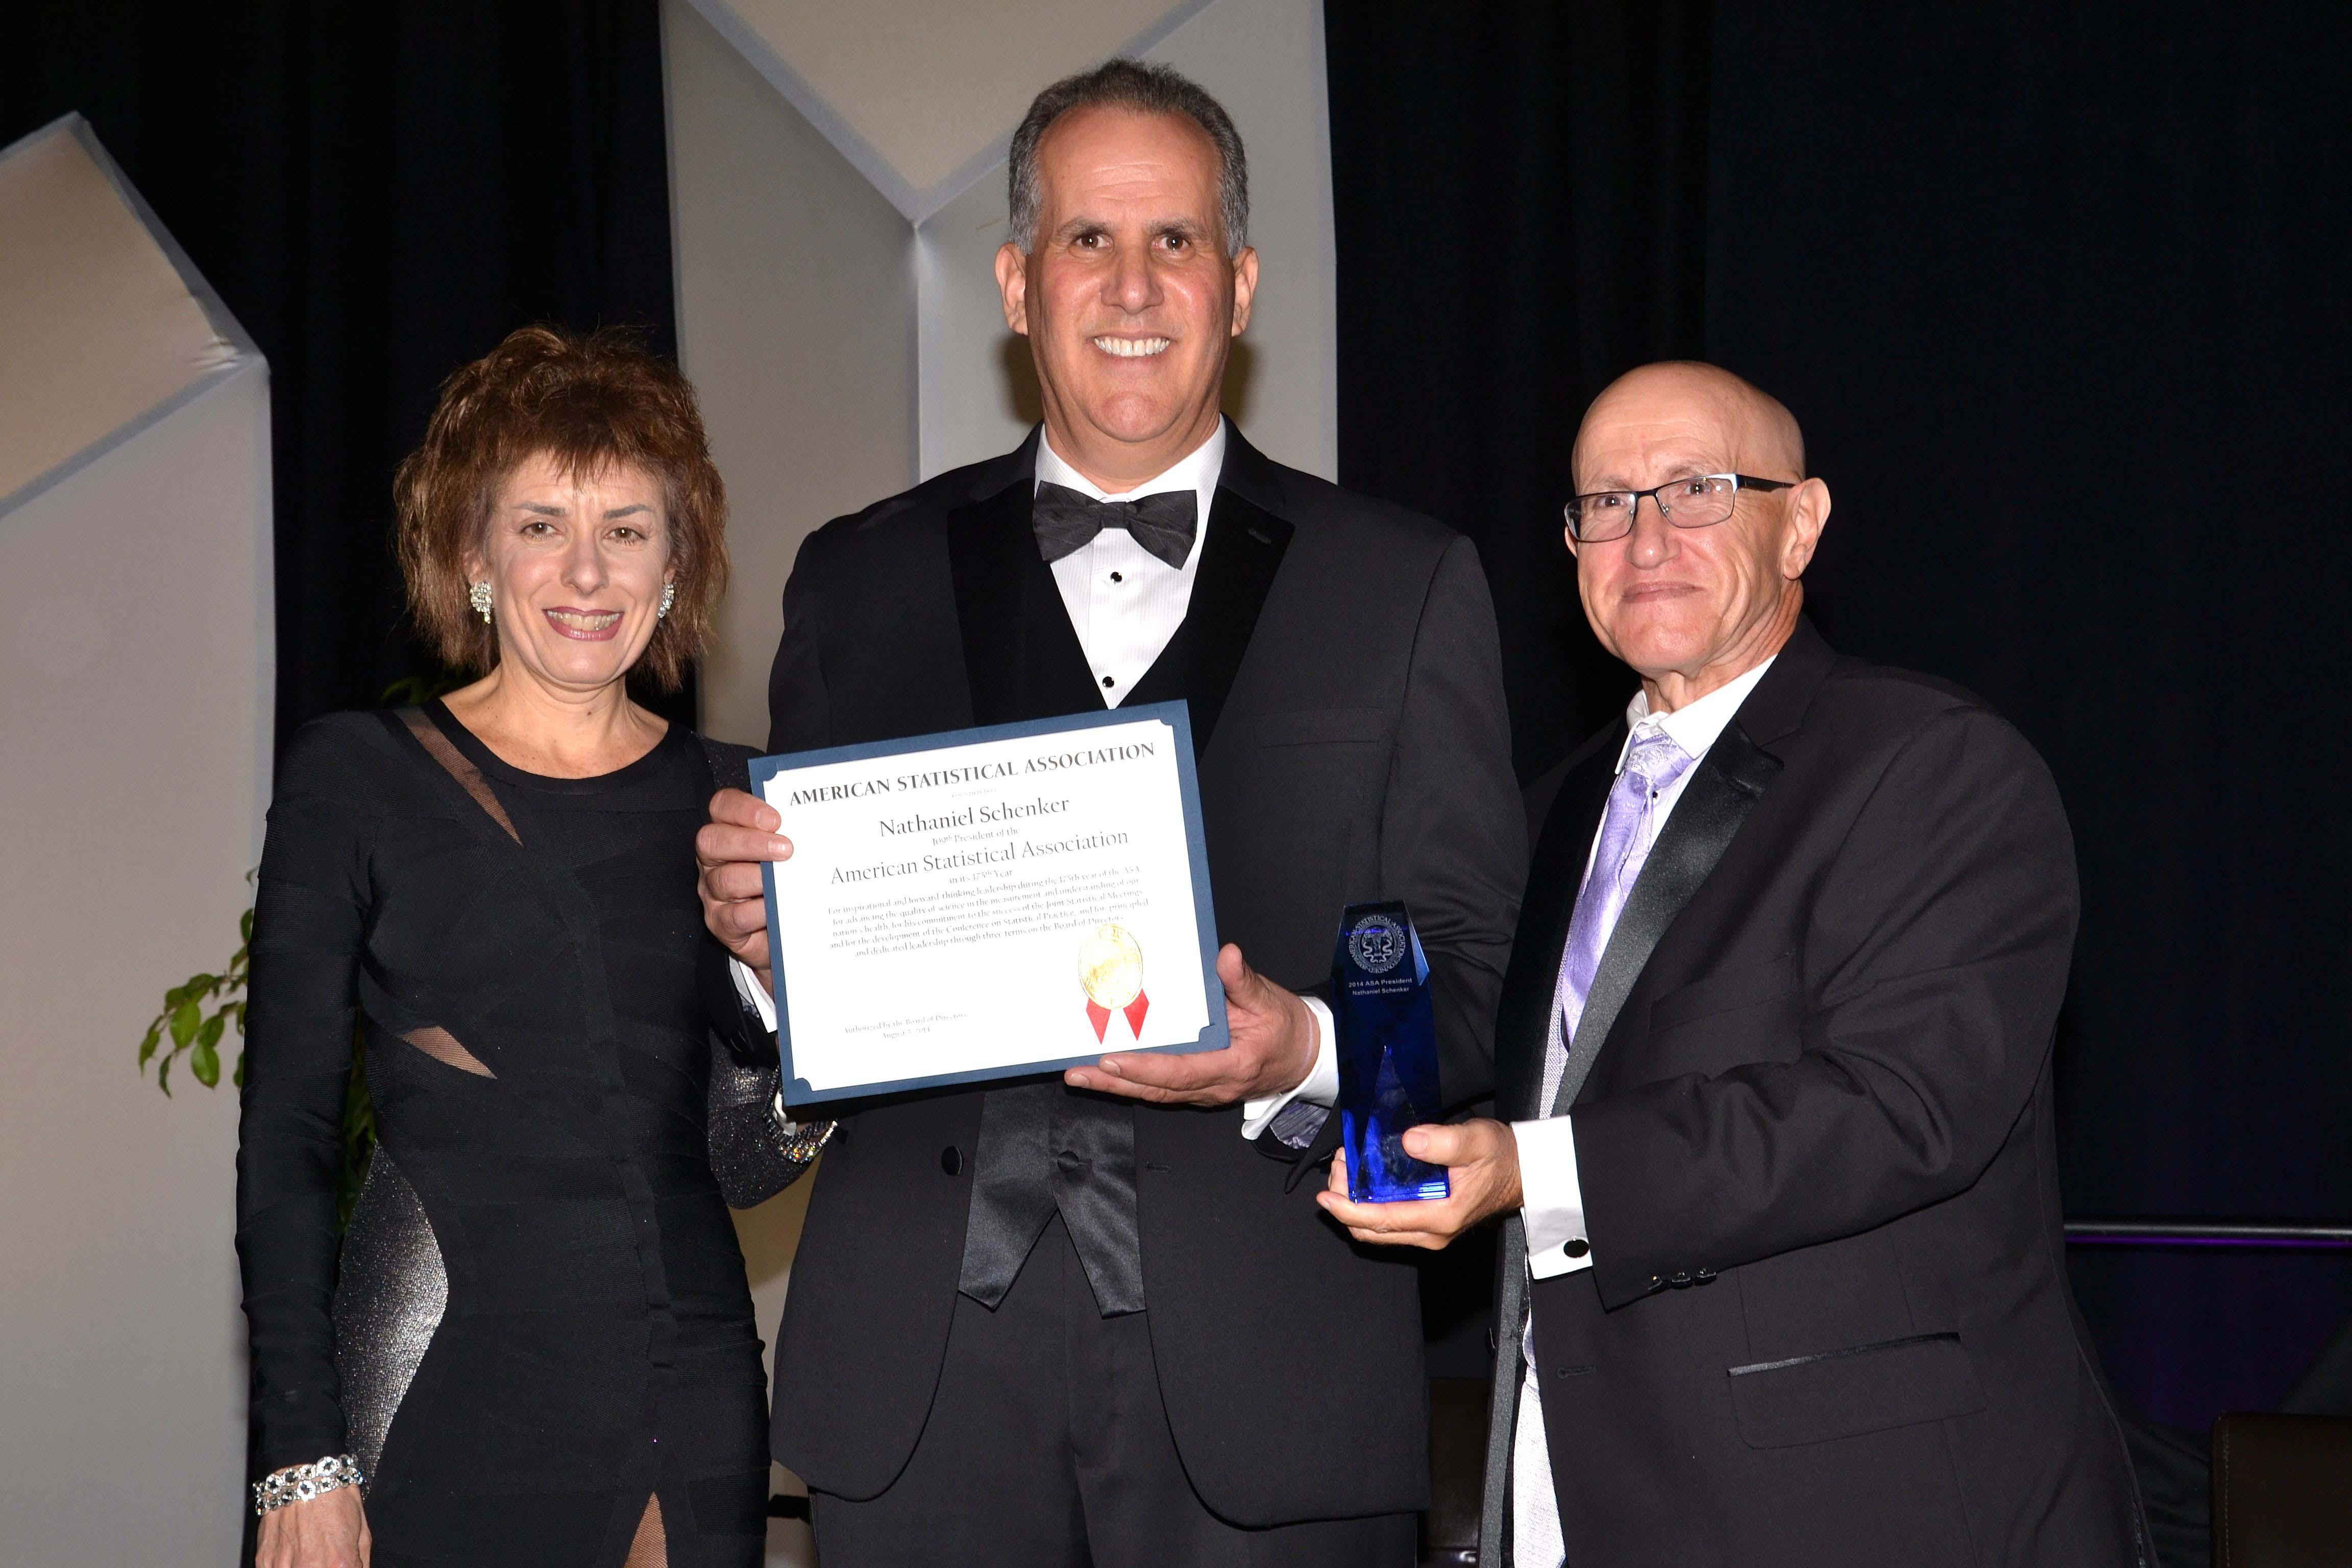 From left: Marie Davidian, Nat Schenker, and Ron Wasserstein